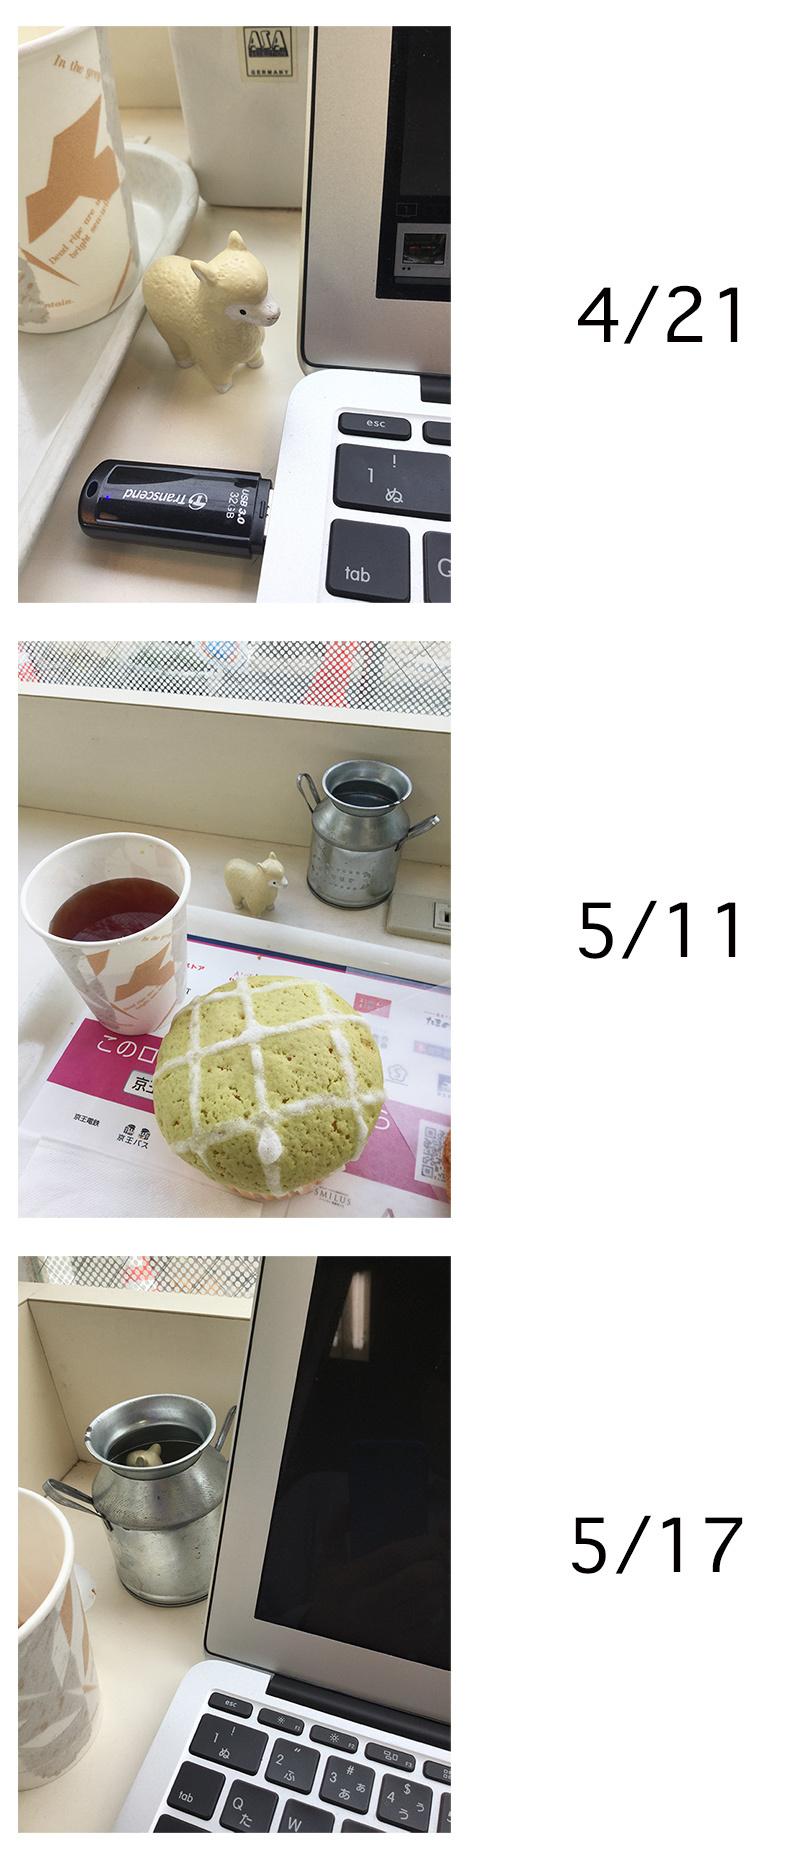 アルパカのいるカフェ_a0003650_22474828.jpg